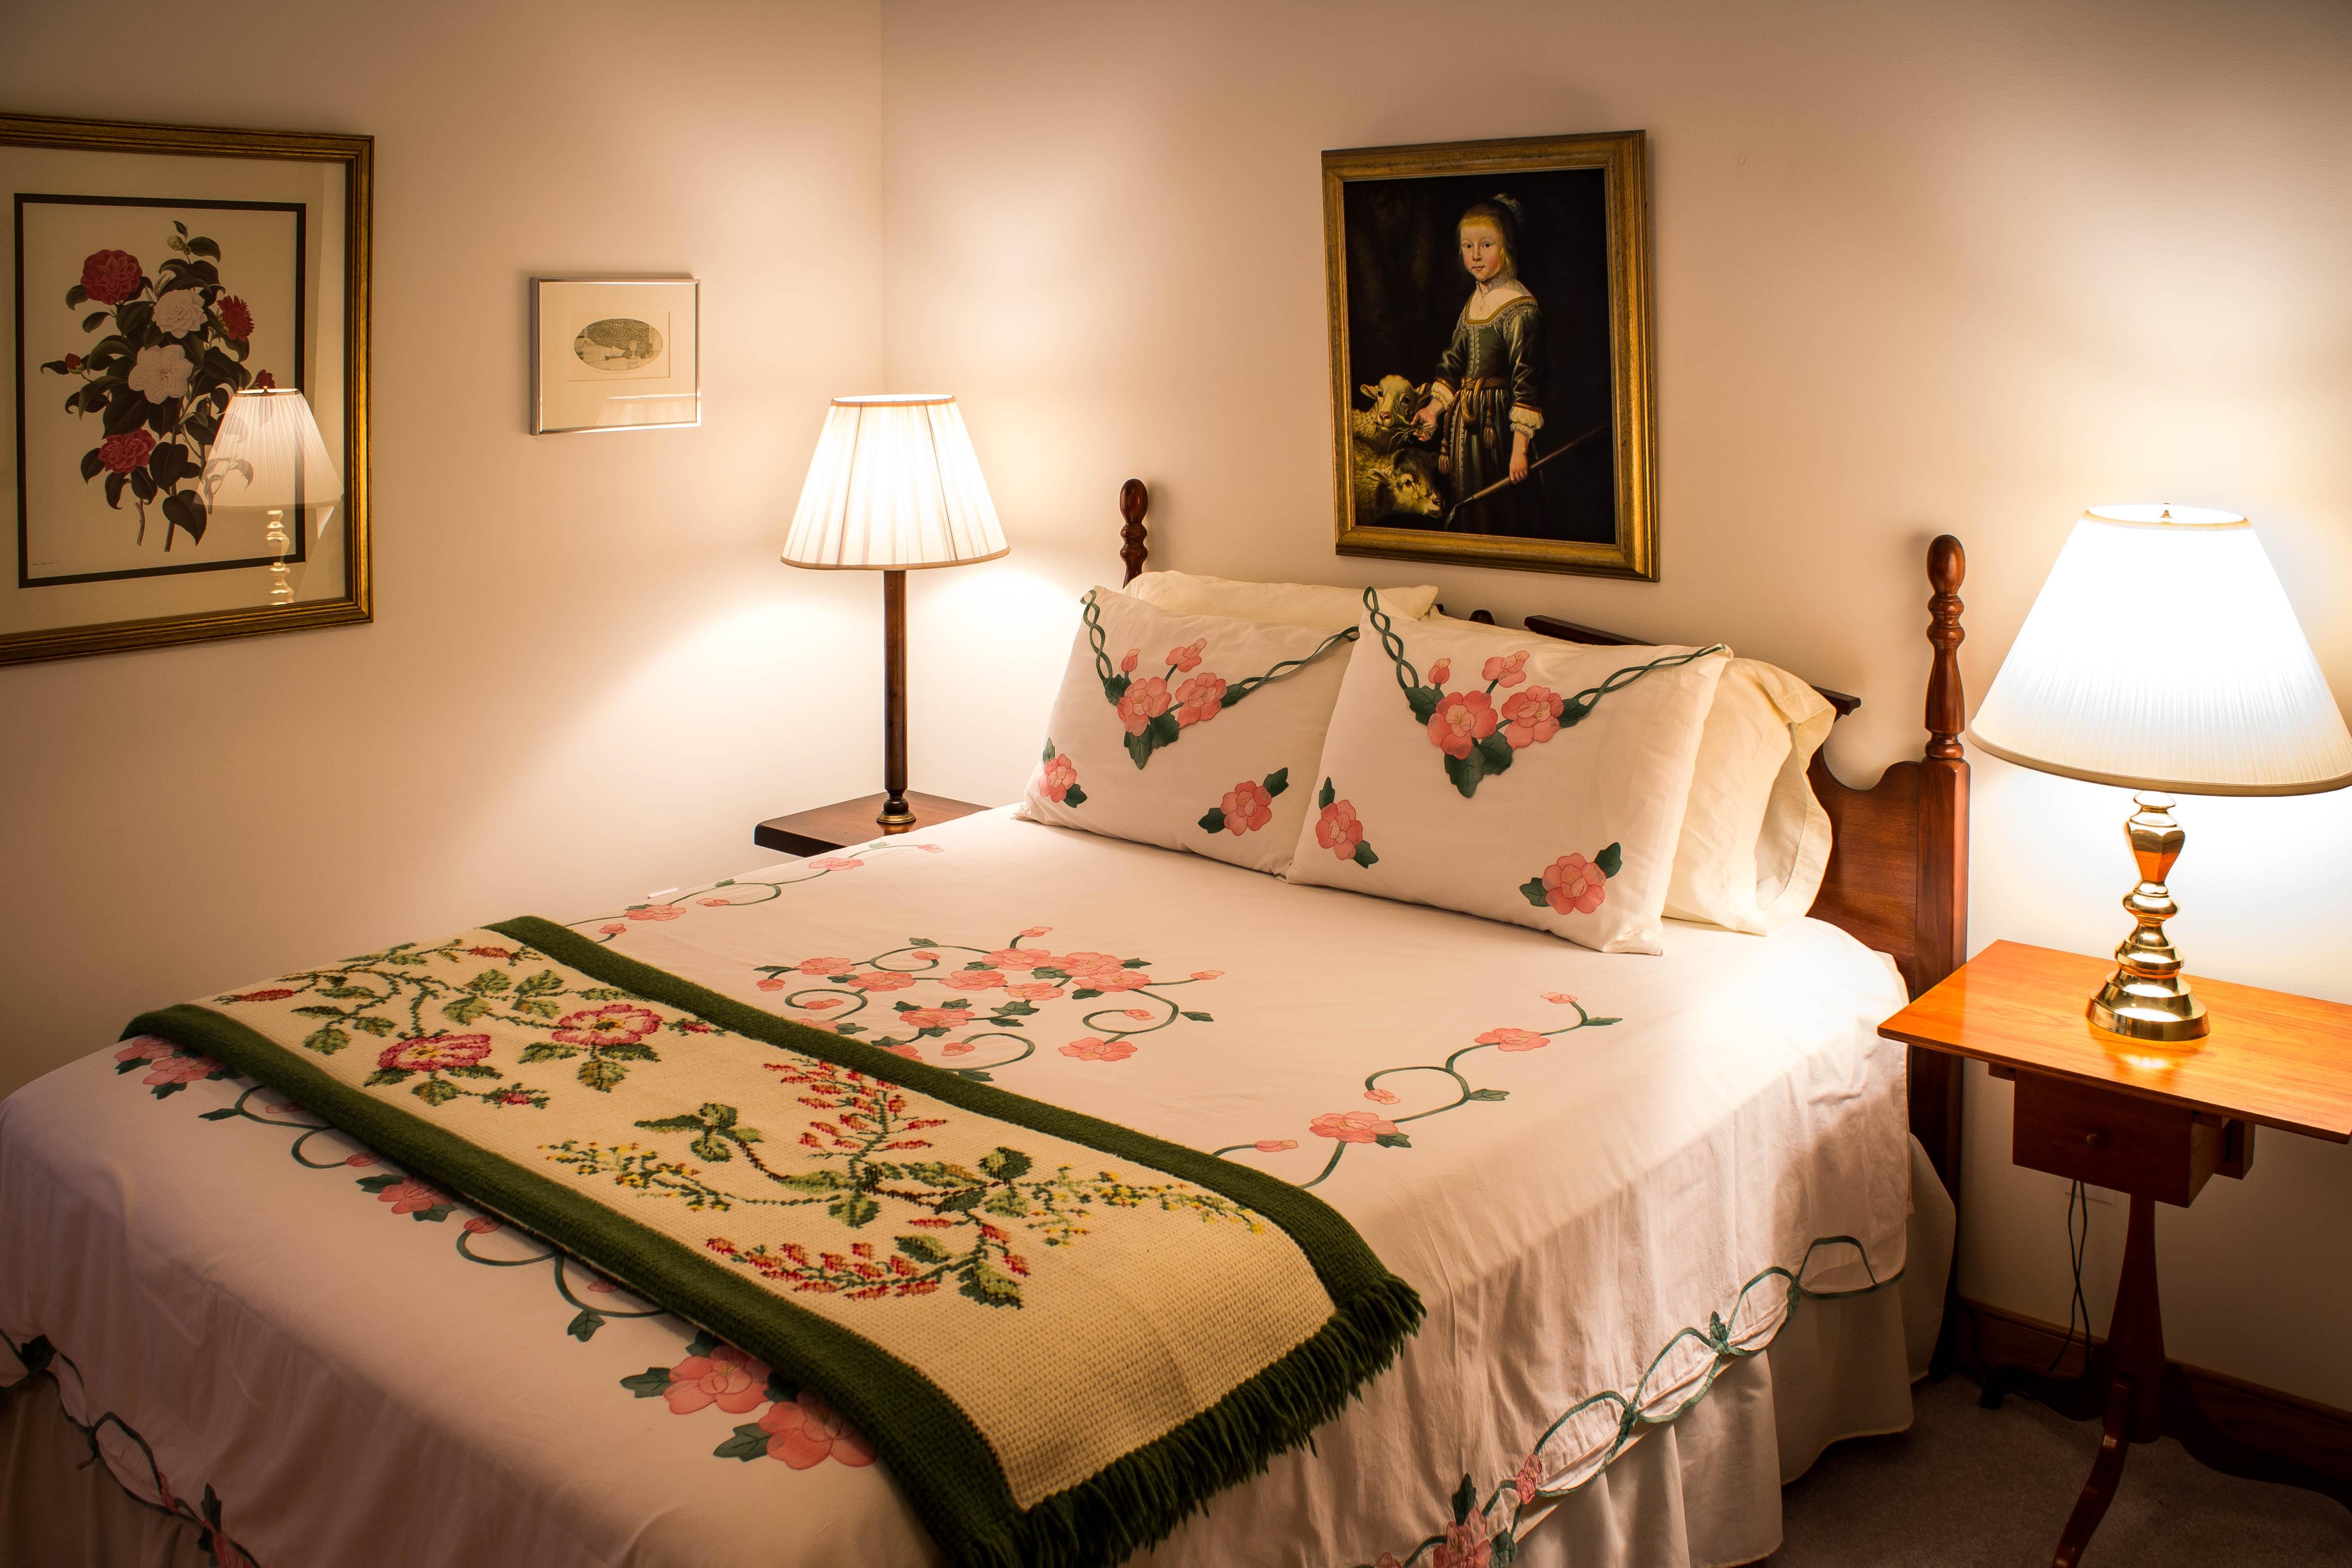 Fotos gratis : cabaña, mueble, lino, Cuarto, edredón, suite, tocador ...